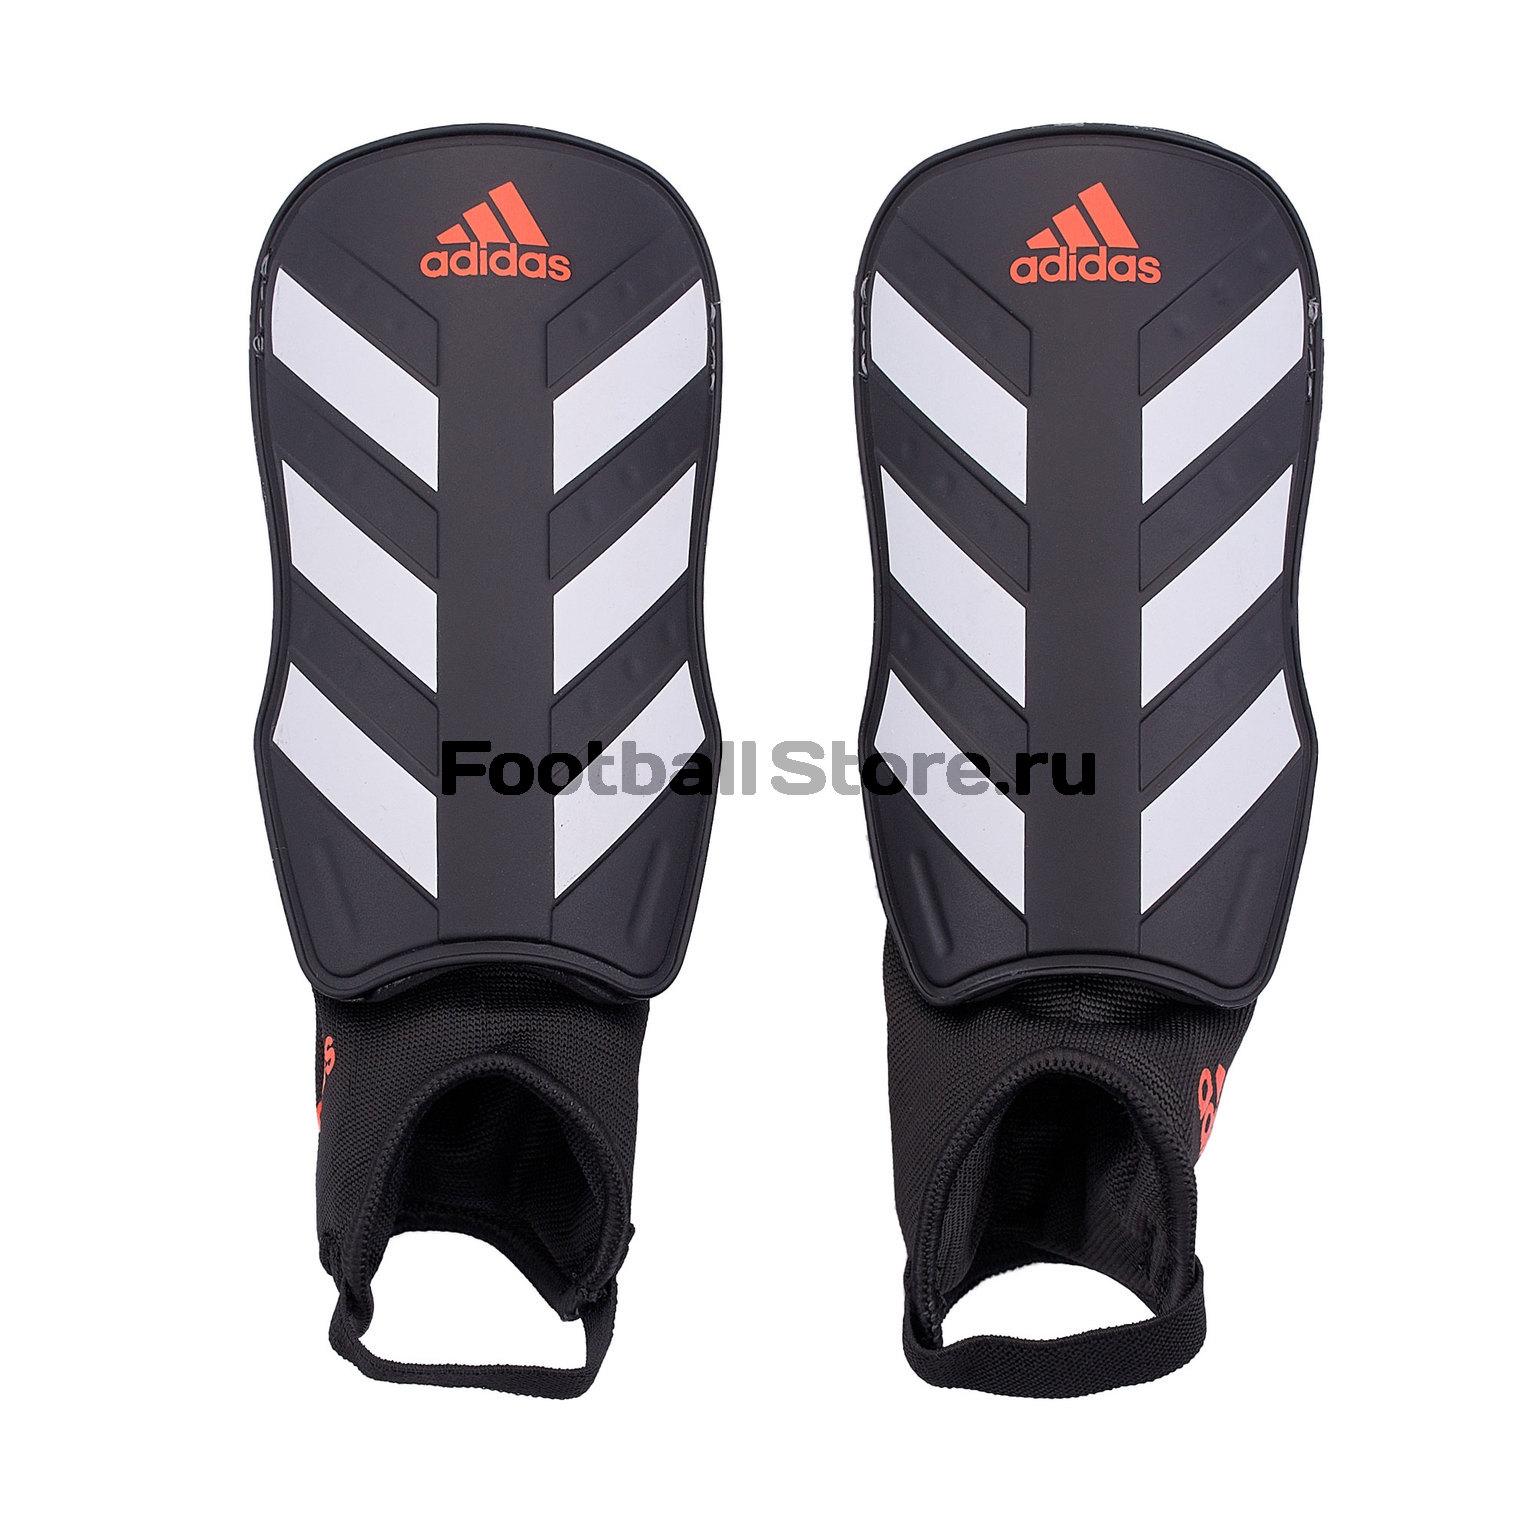 Щитки Adidas Everclub CW5564 щитки adidas evertomic cw5565 черный размер m